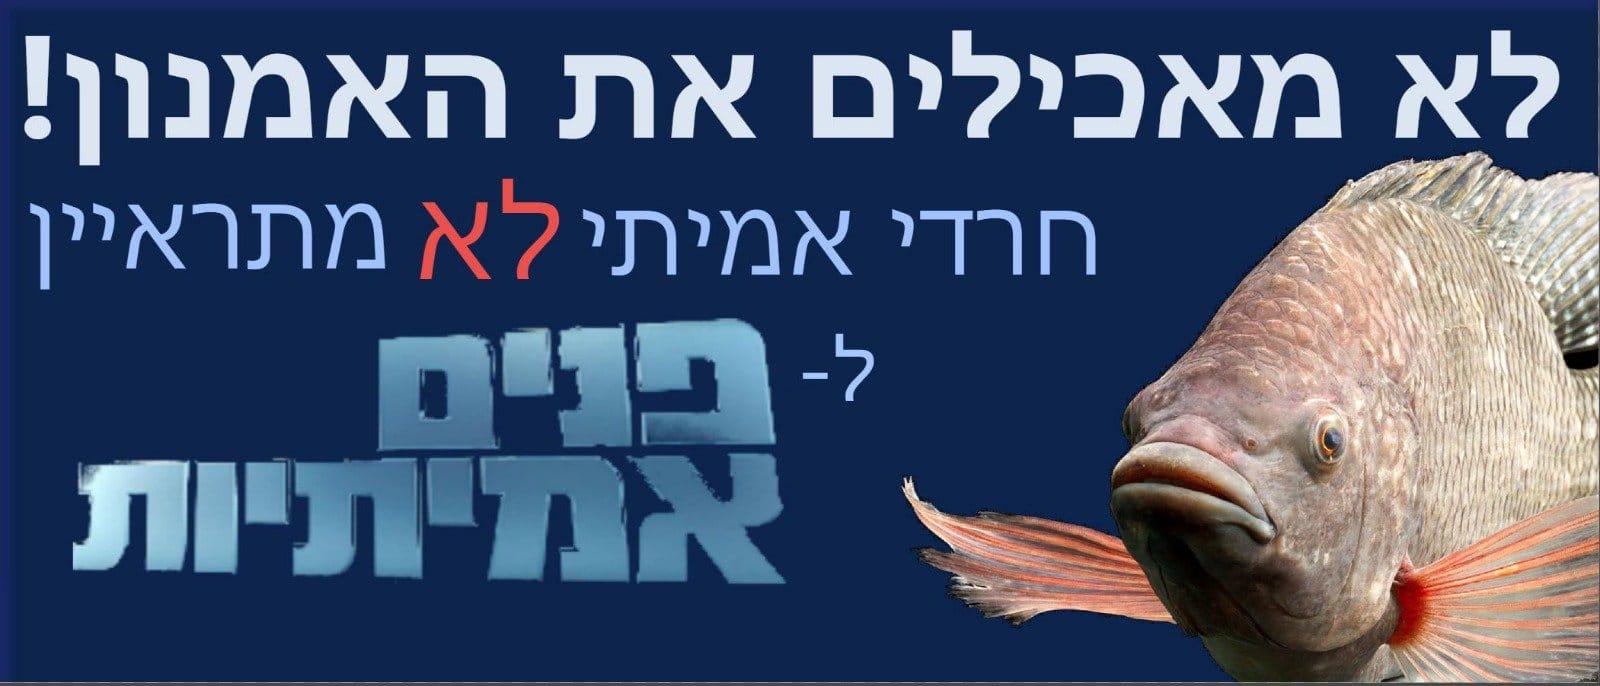 """אמנון לוי: """"עיתונאים חרדים מנהלים נגדי קמפיין מתסכול; אני עוזר לחרדים"""" 1"""